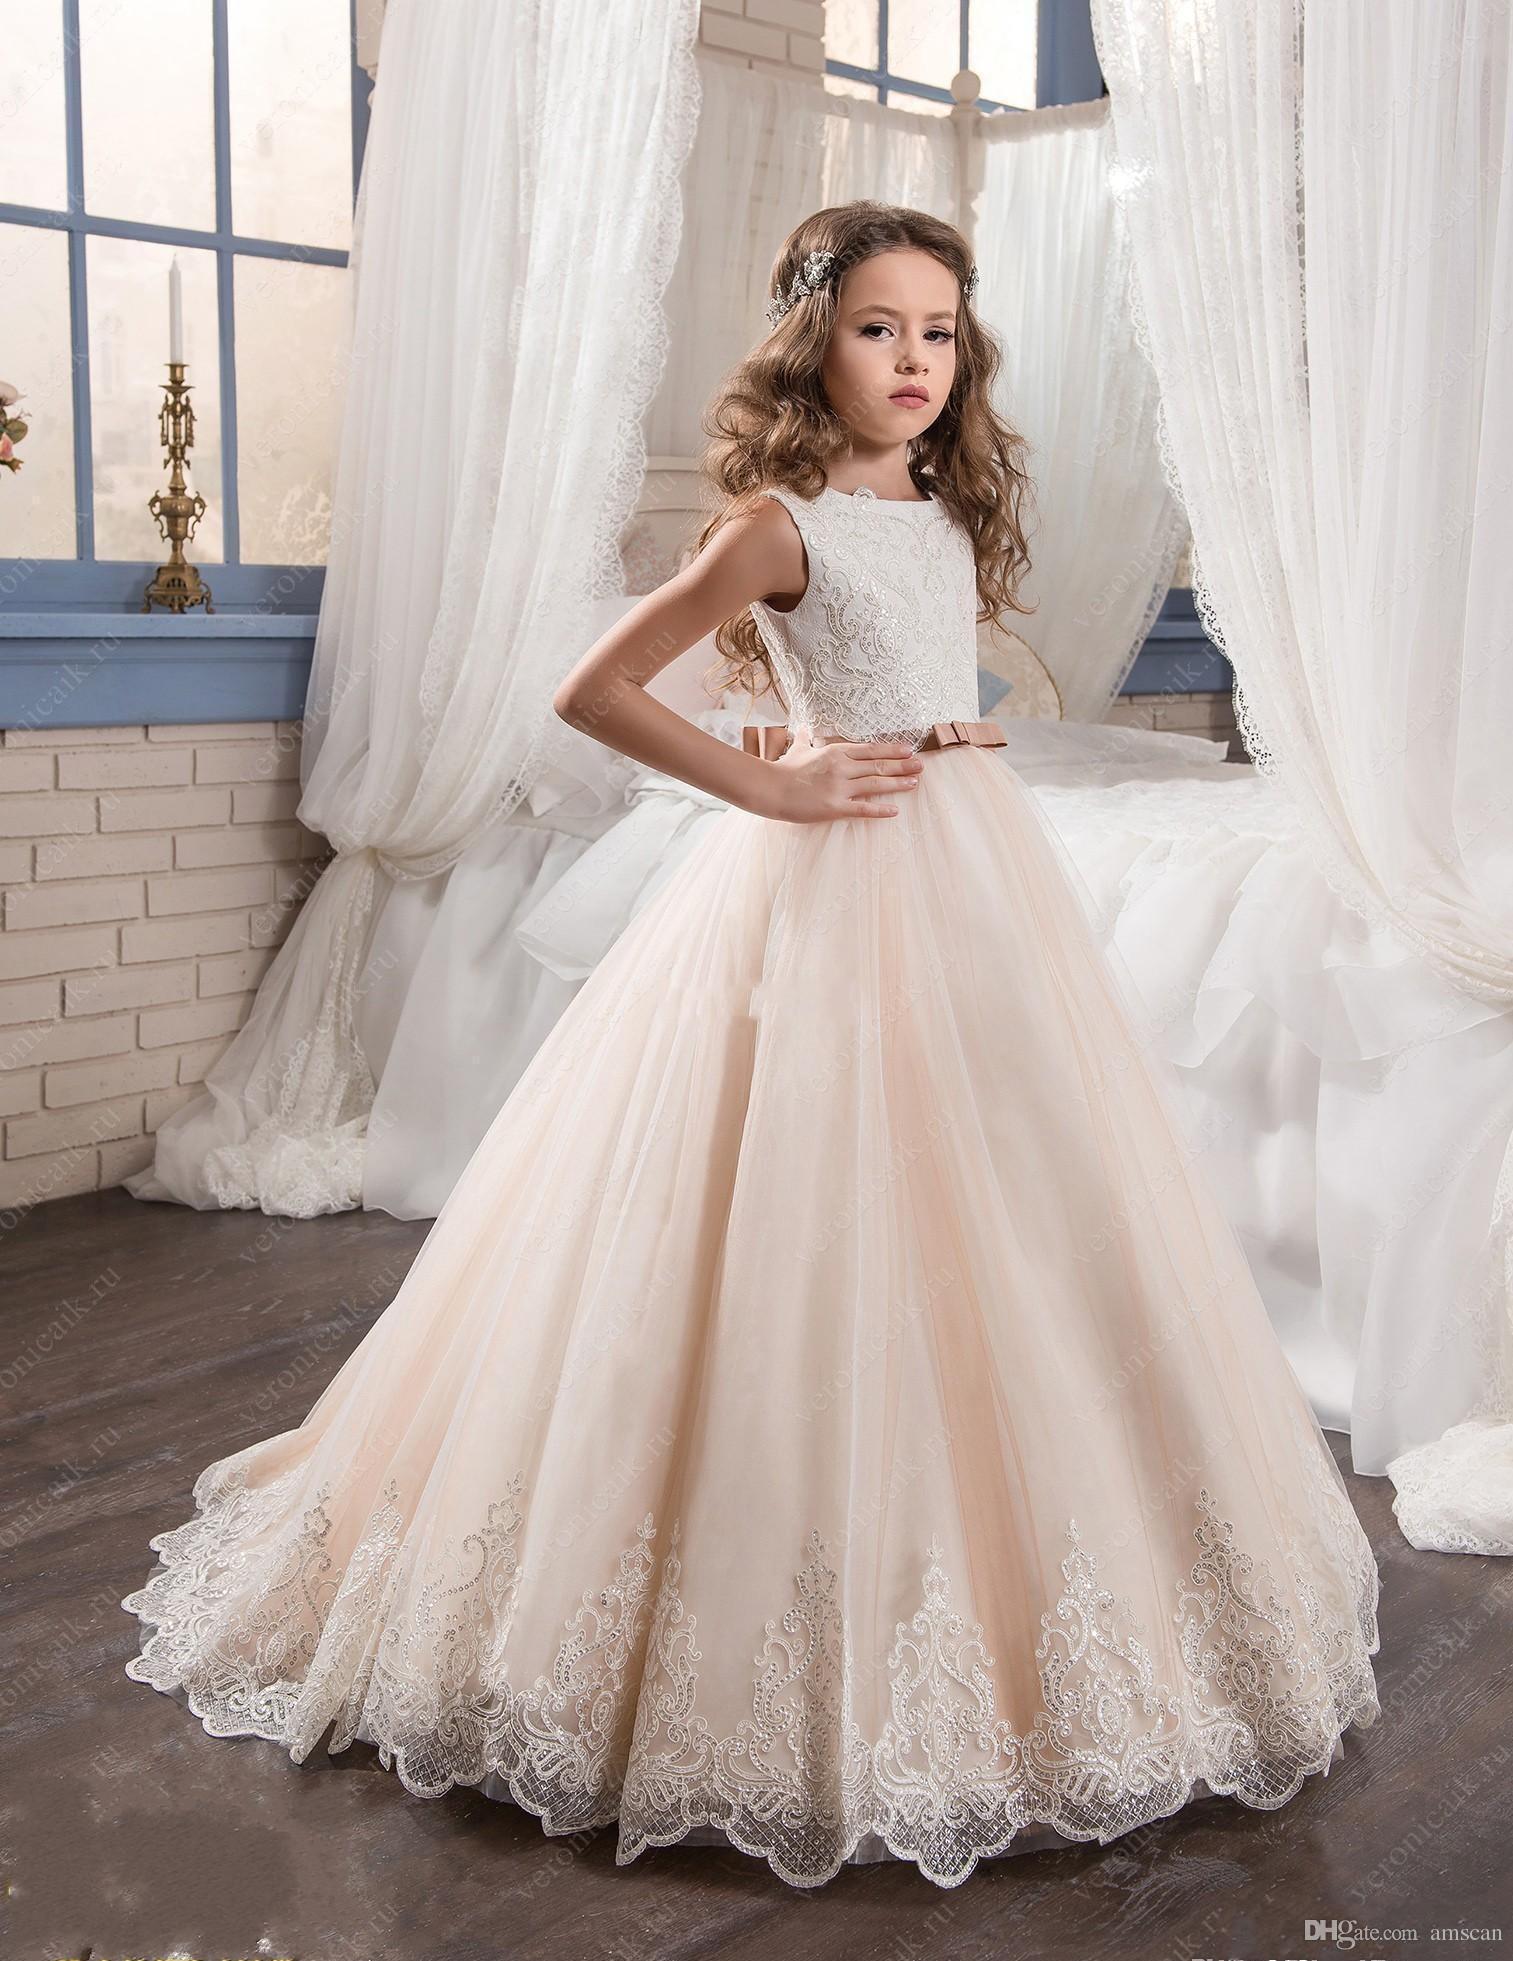 Großhandel 2018 Vintage Blumenmädchen Kleider Für Hochzeiten Erröten Rosa  Nach Maß Prinzessin Kleider Appliques Spitze Bogen Schärpe Kinder